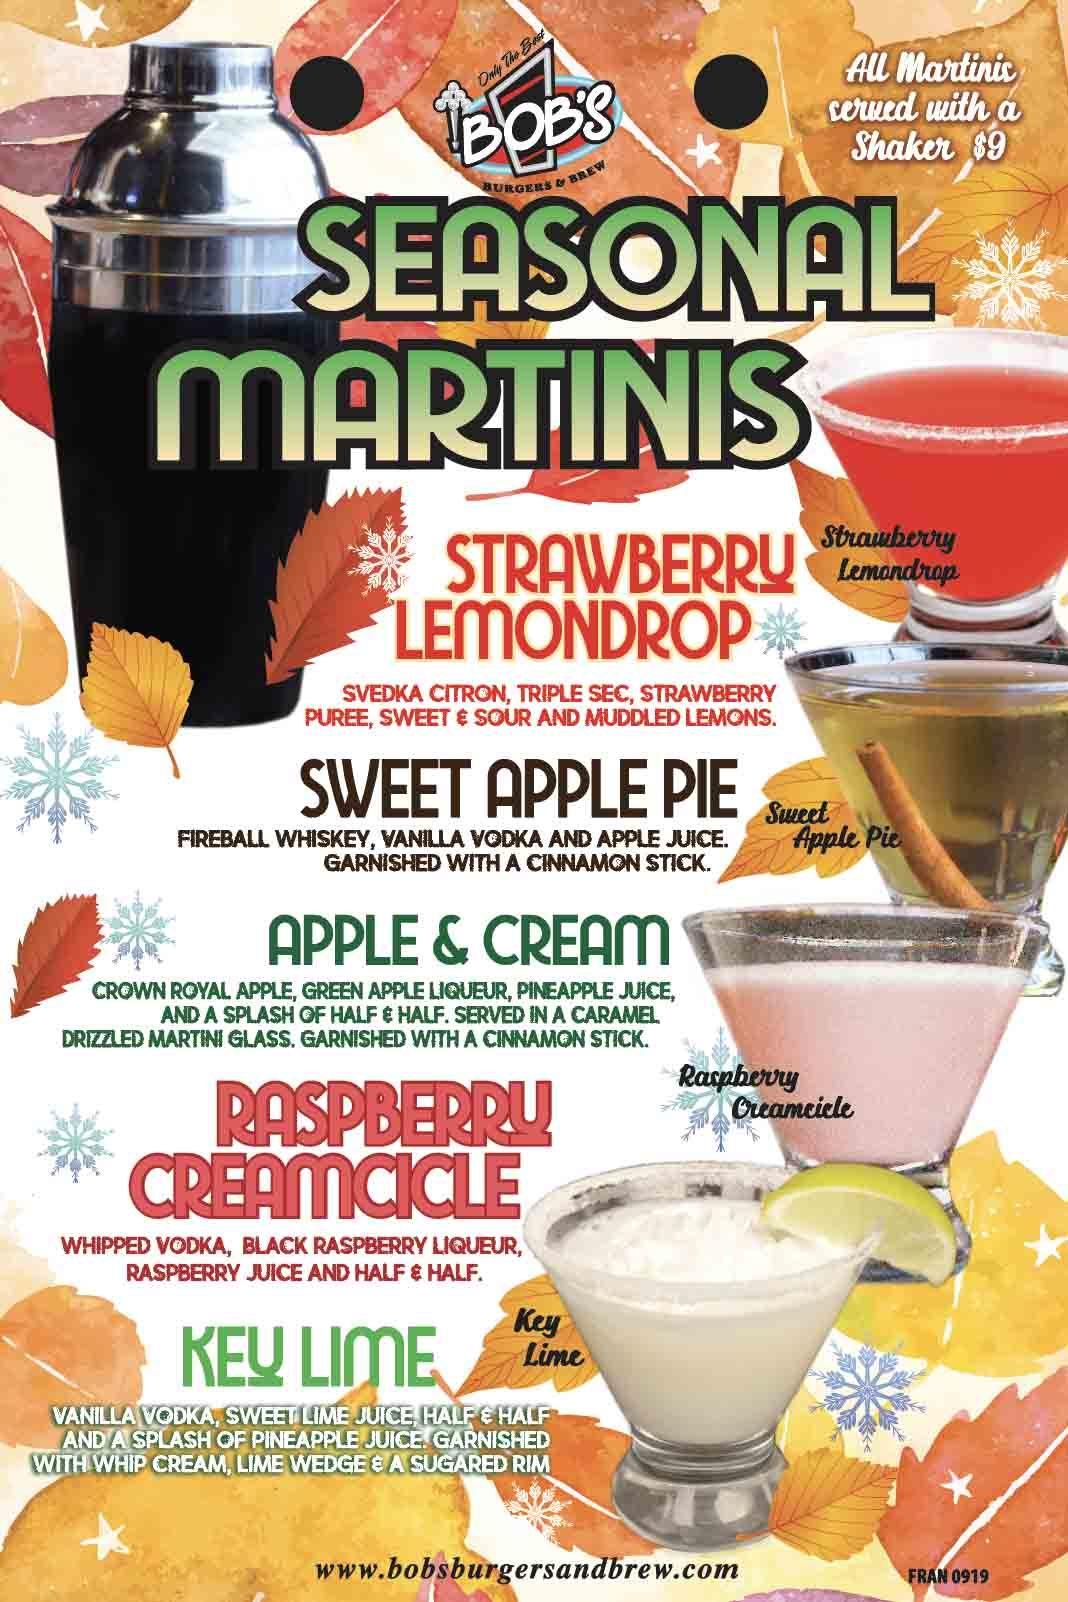 Season Martinis